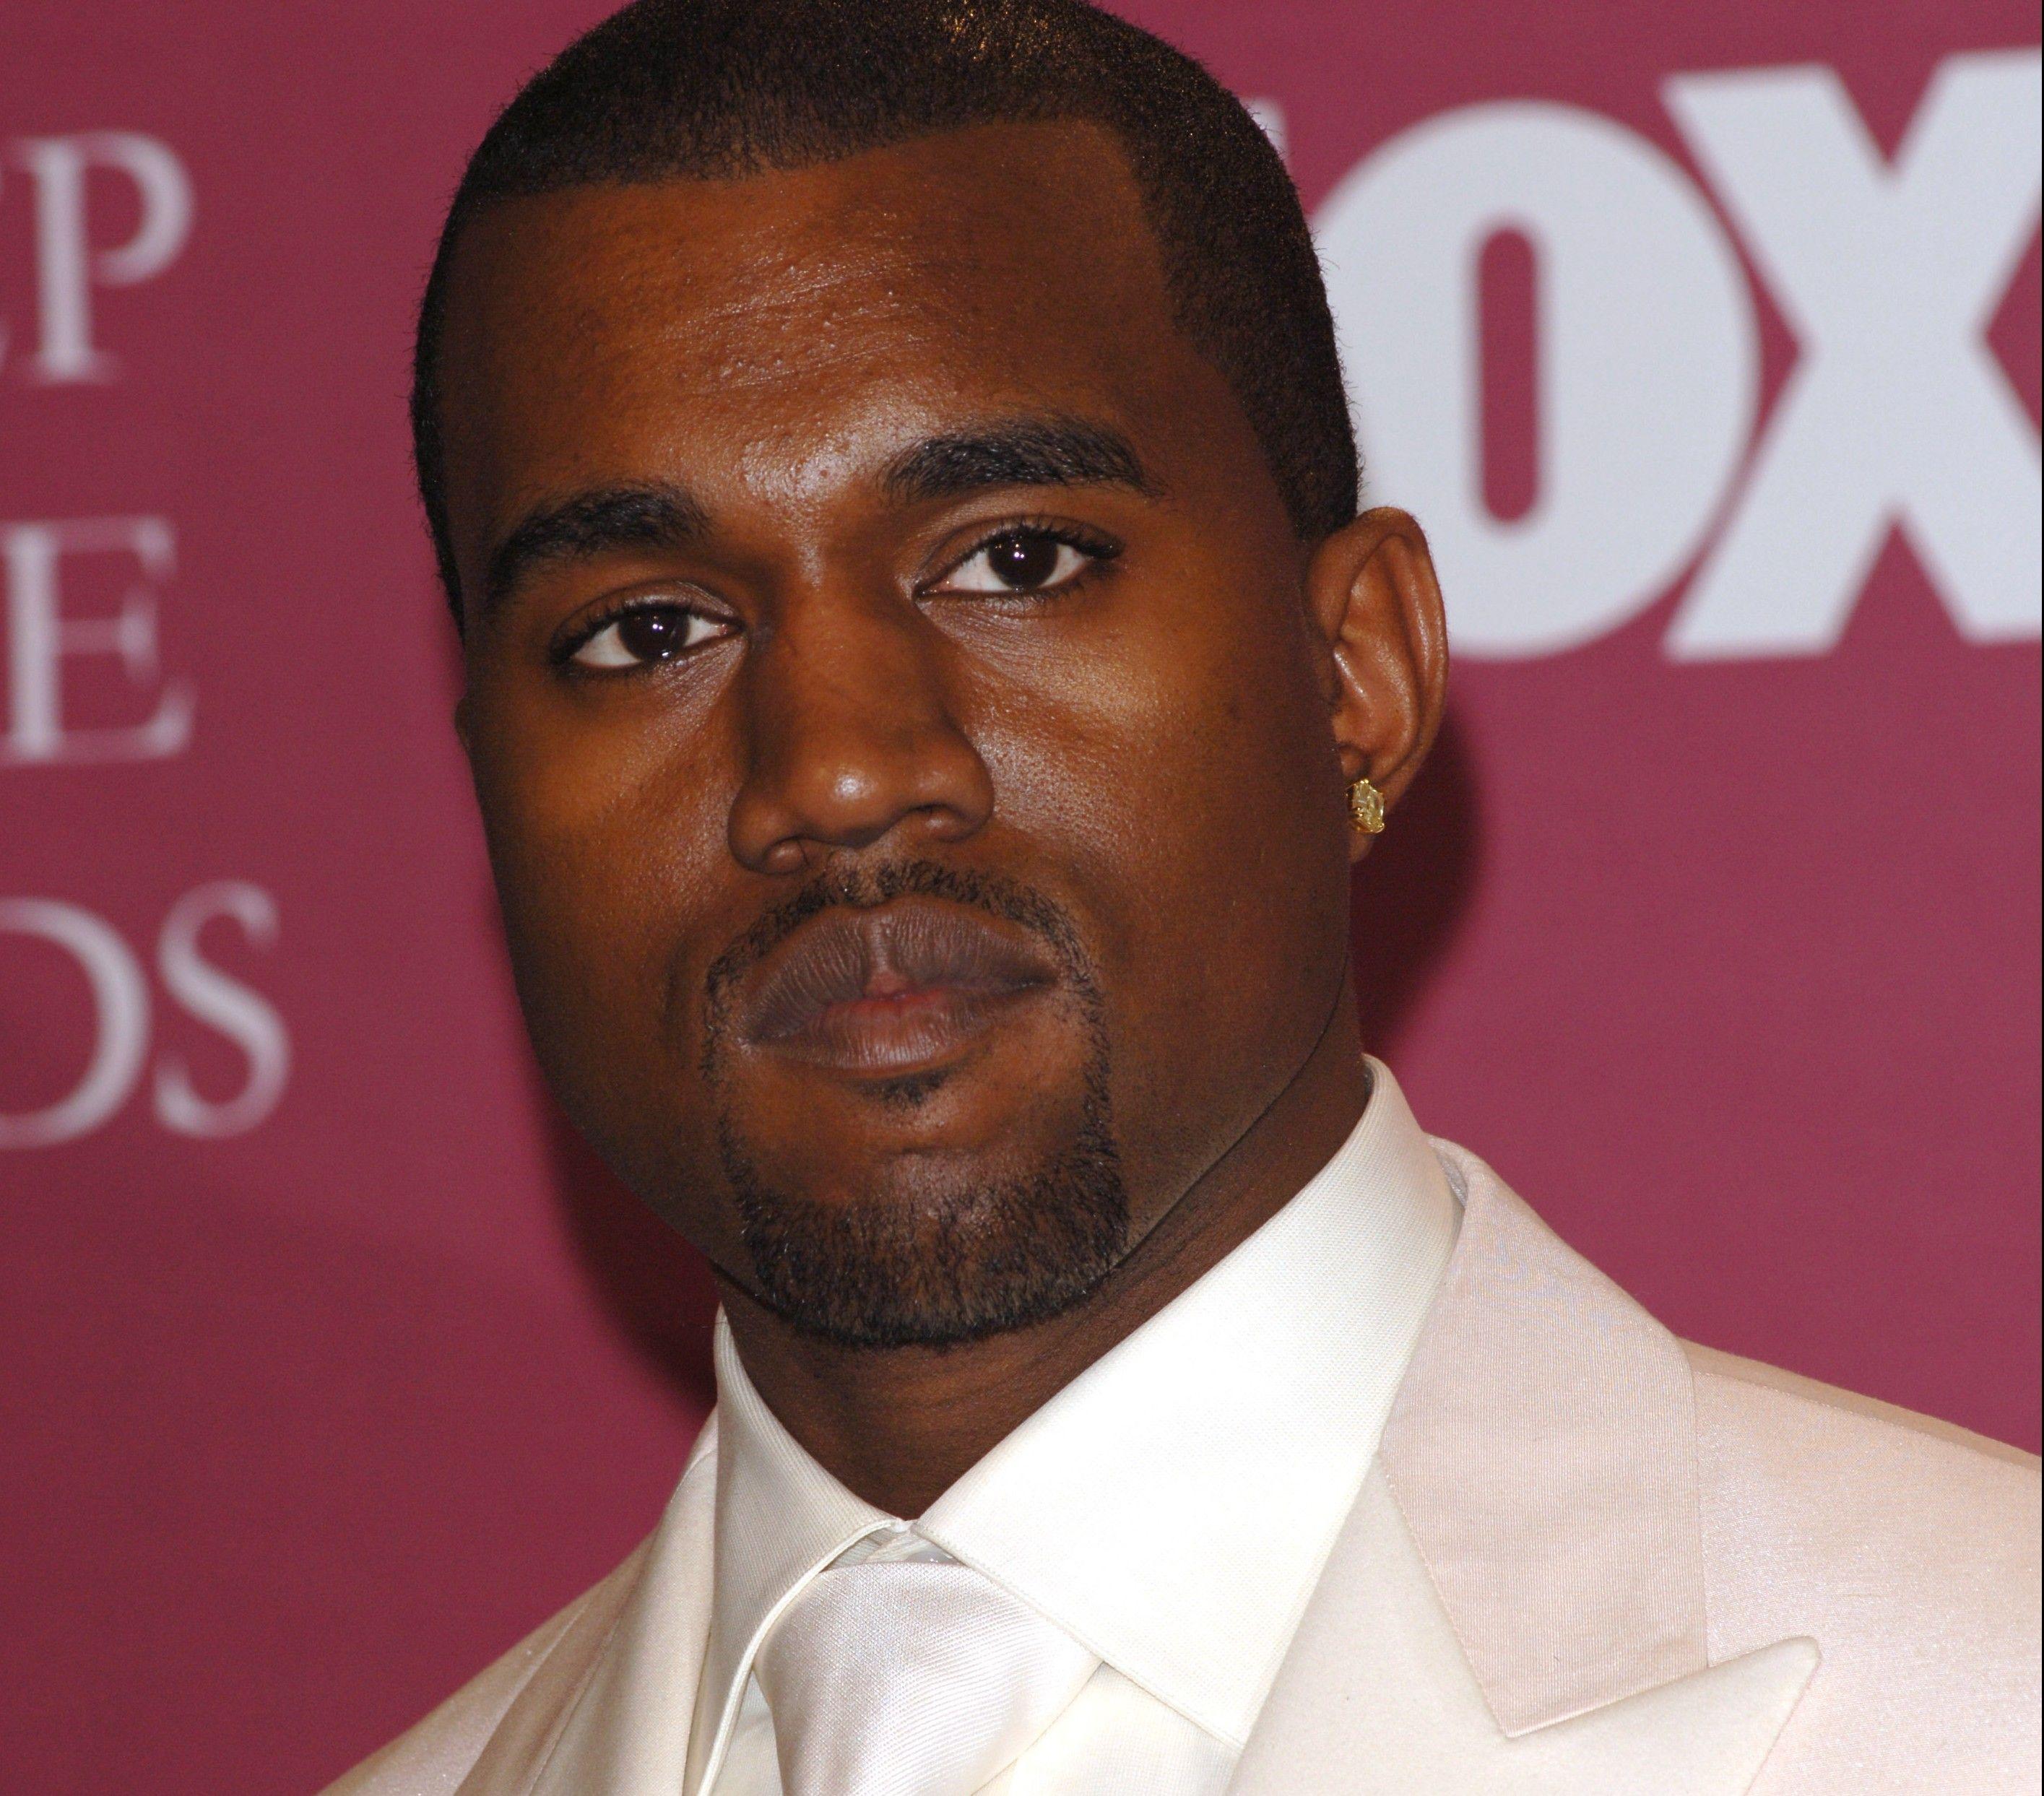 5.Kanye West